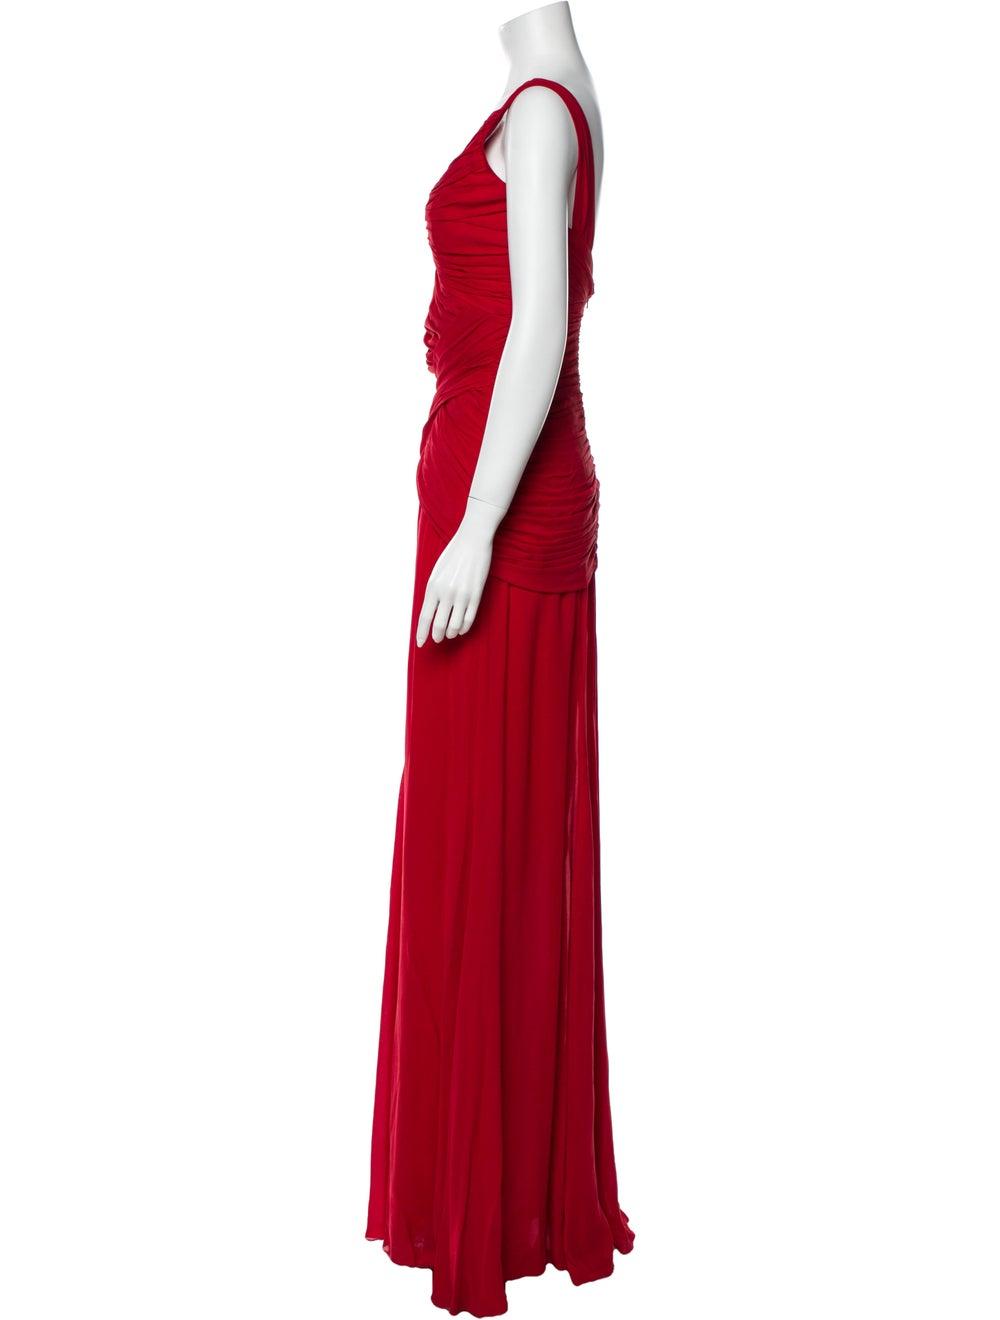 Nicole Miller One-Shoulder Long Dress Red - image 2